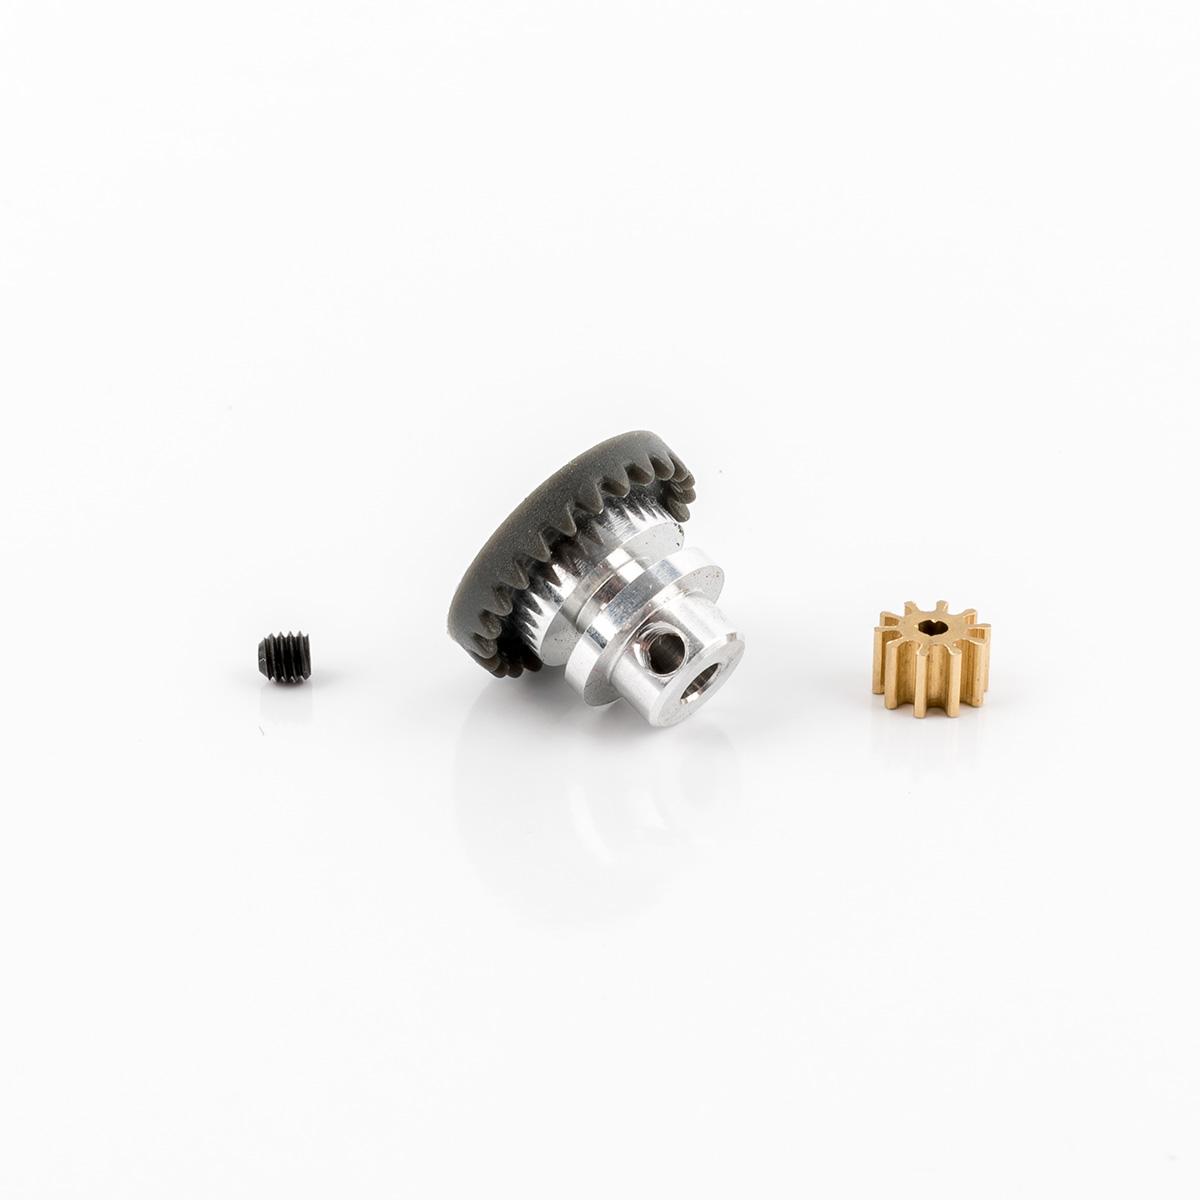 SRC: Des pièces de rechange pour la McLaren M23